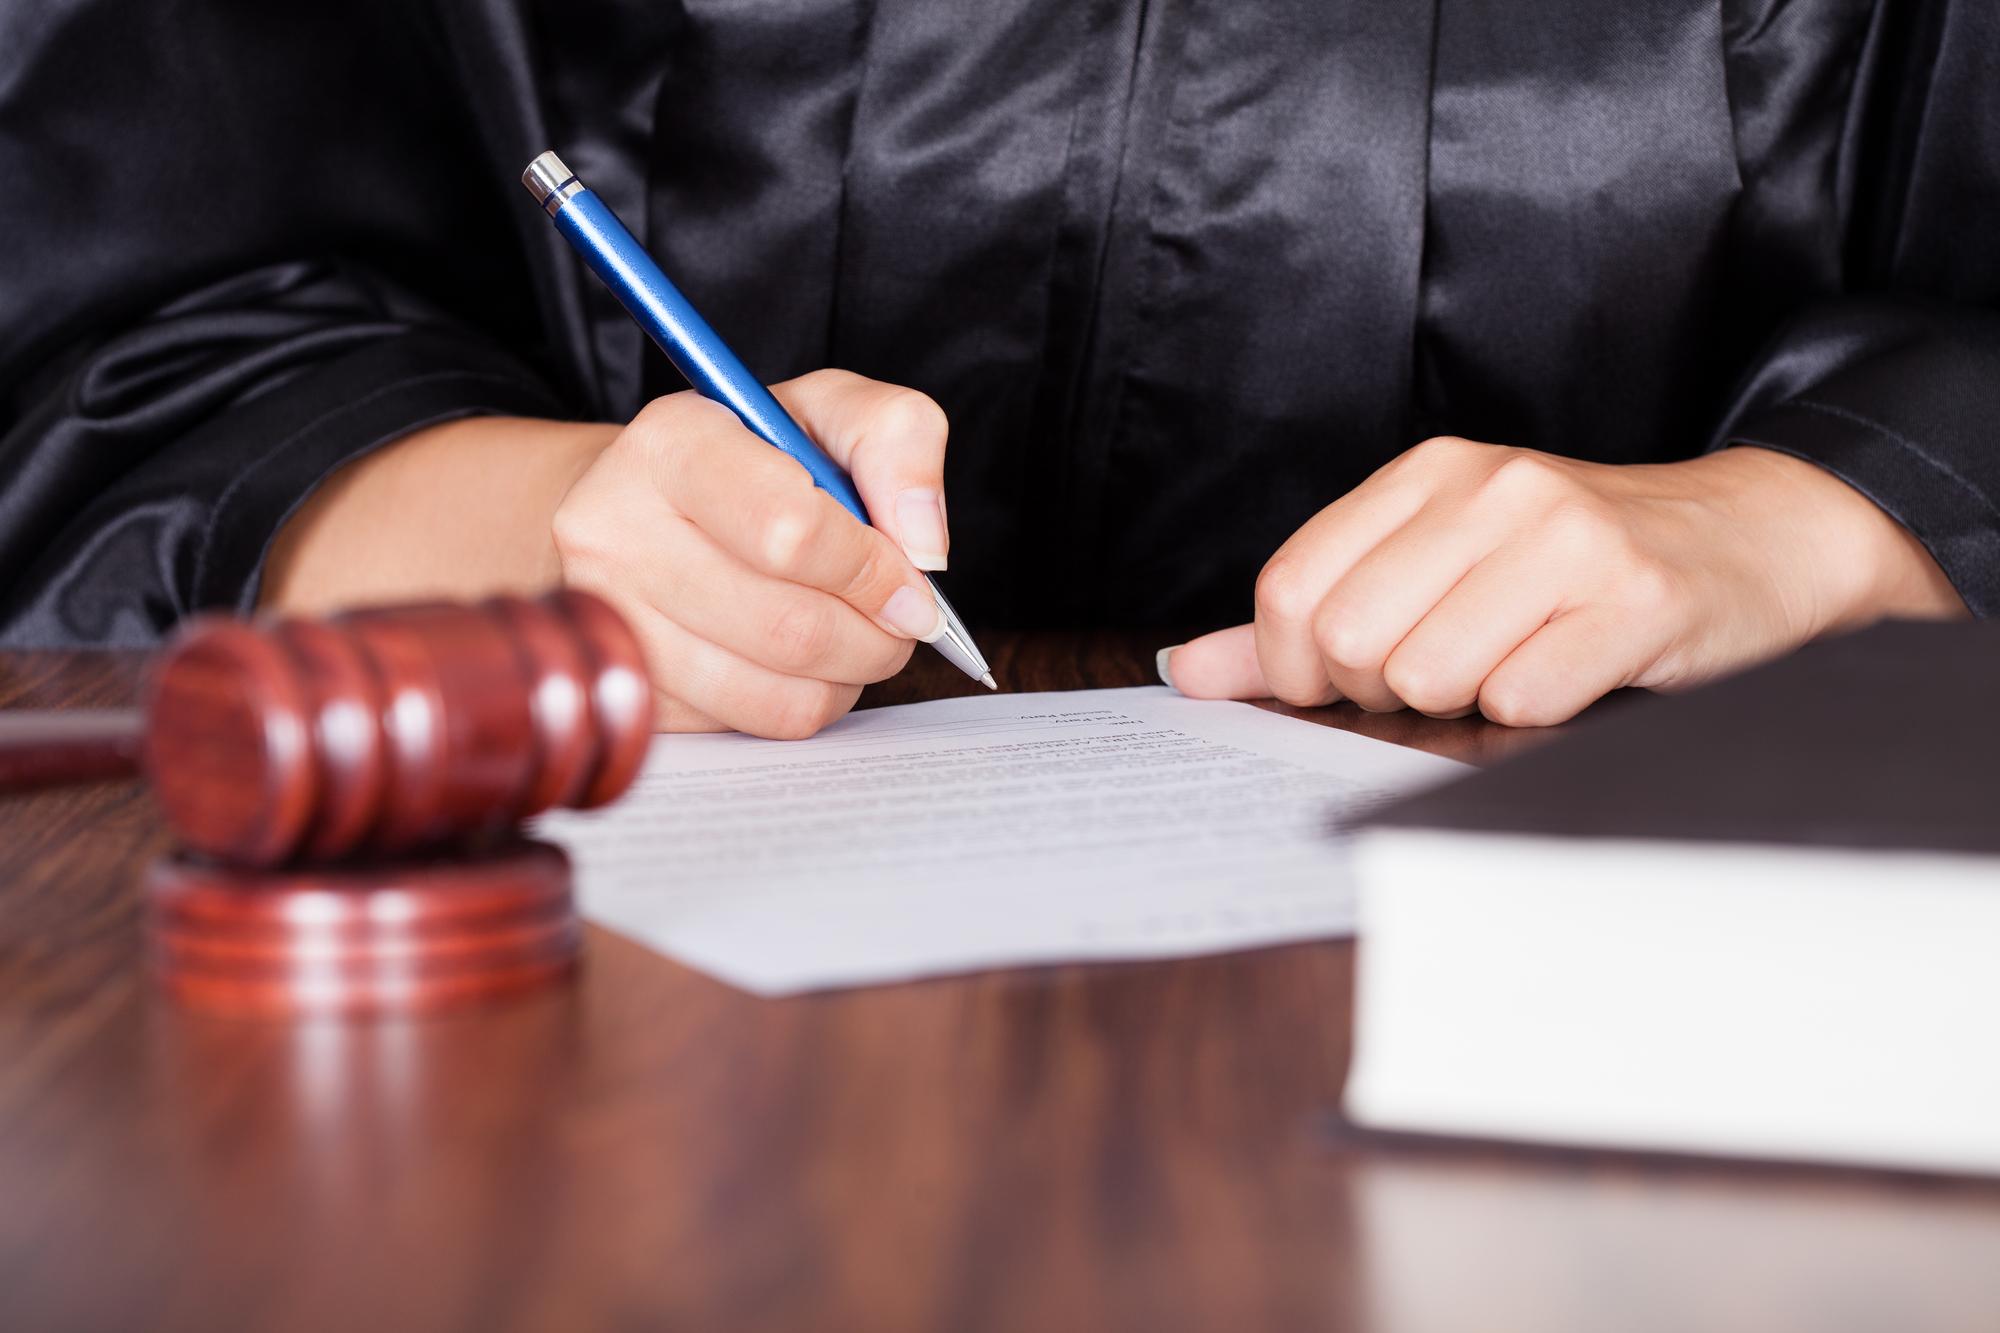 come diventare magistrato antimafia